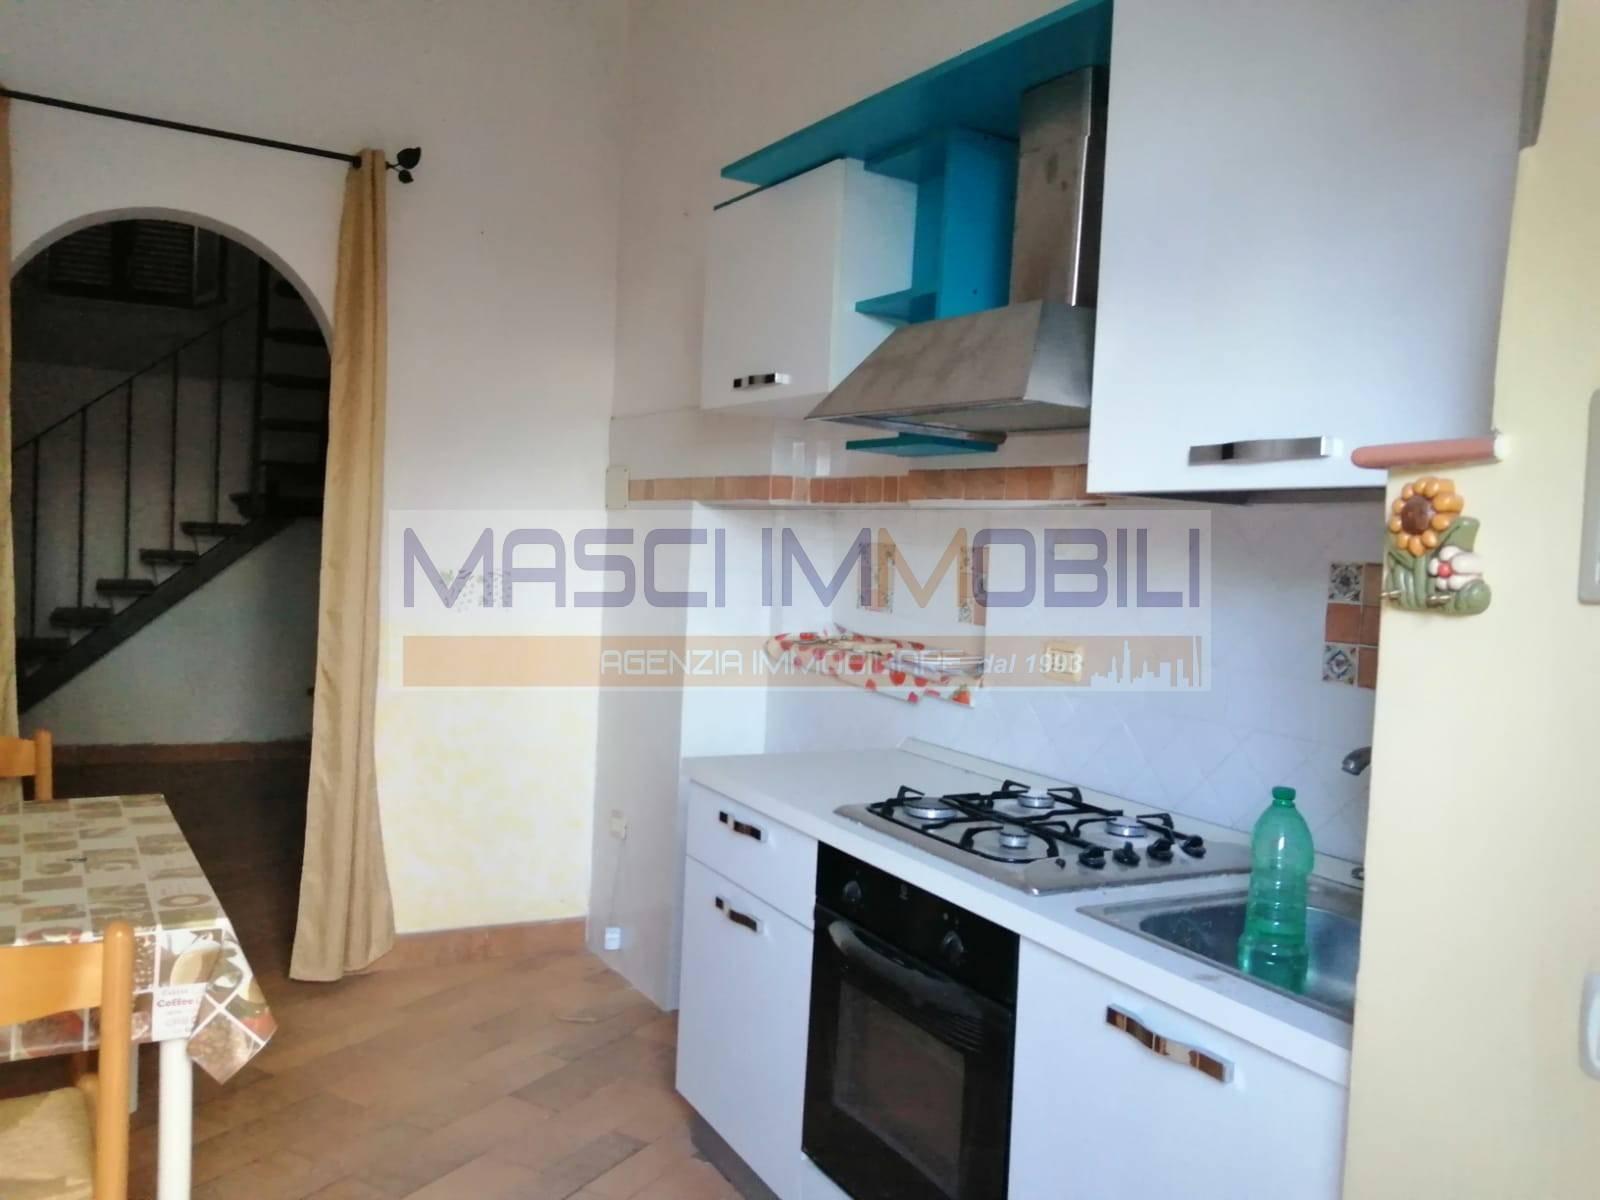 Appartamento in vendita a Nazzano, 2 locali, prezzo € 27.000 | CambioCasa.it